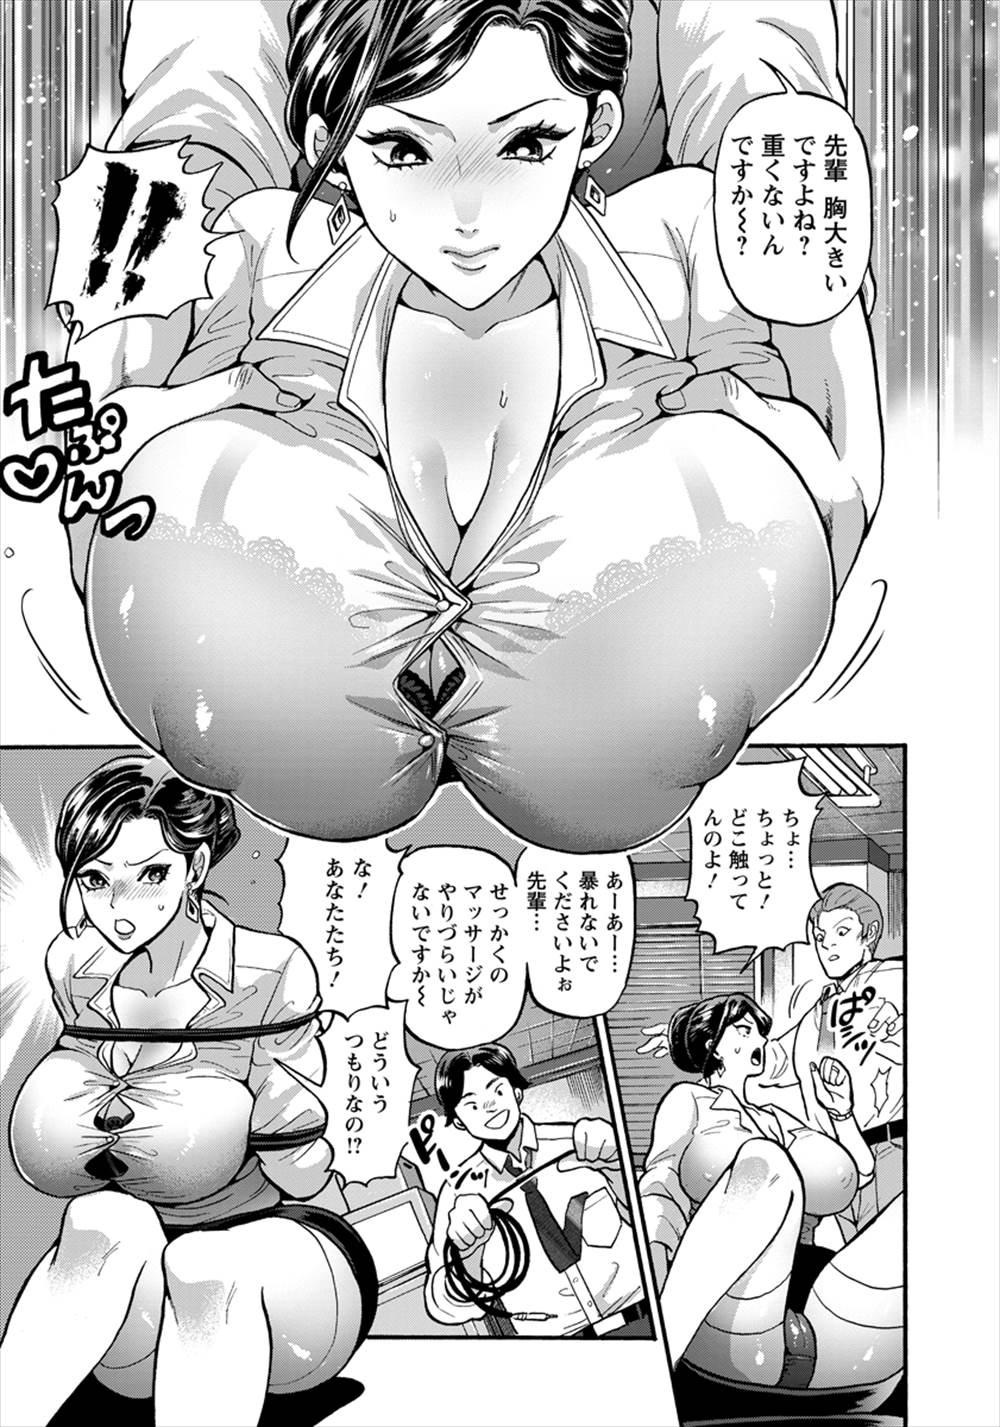 【エロ漫画】生意気な女上司にセクハラして輪姦乱交レイプ、性奴隷にしてしまった部下たちwww